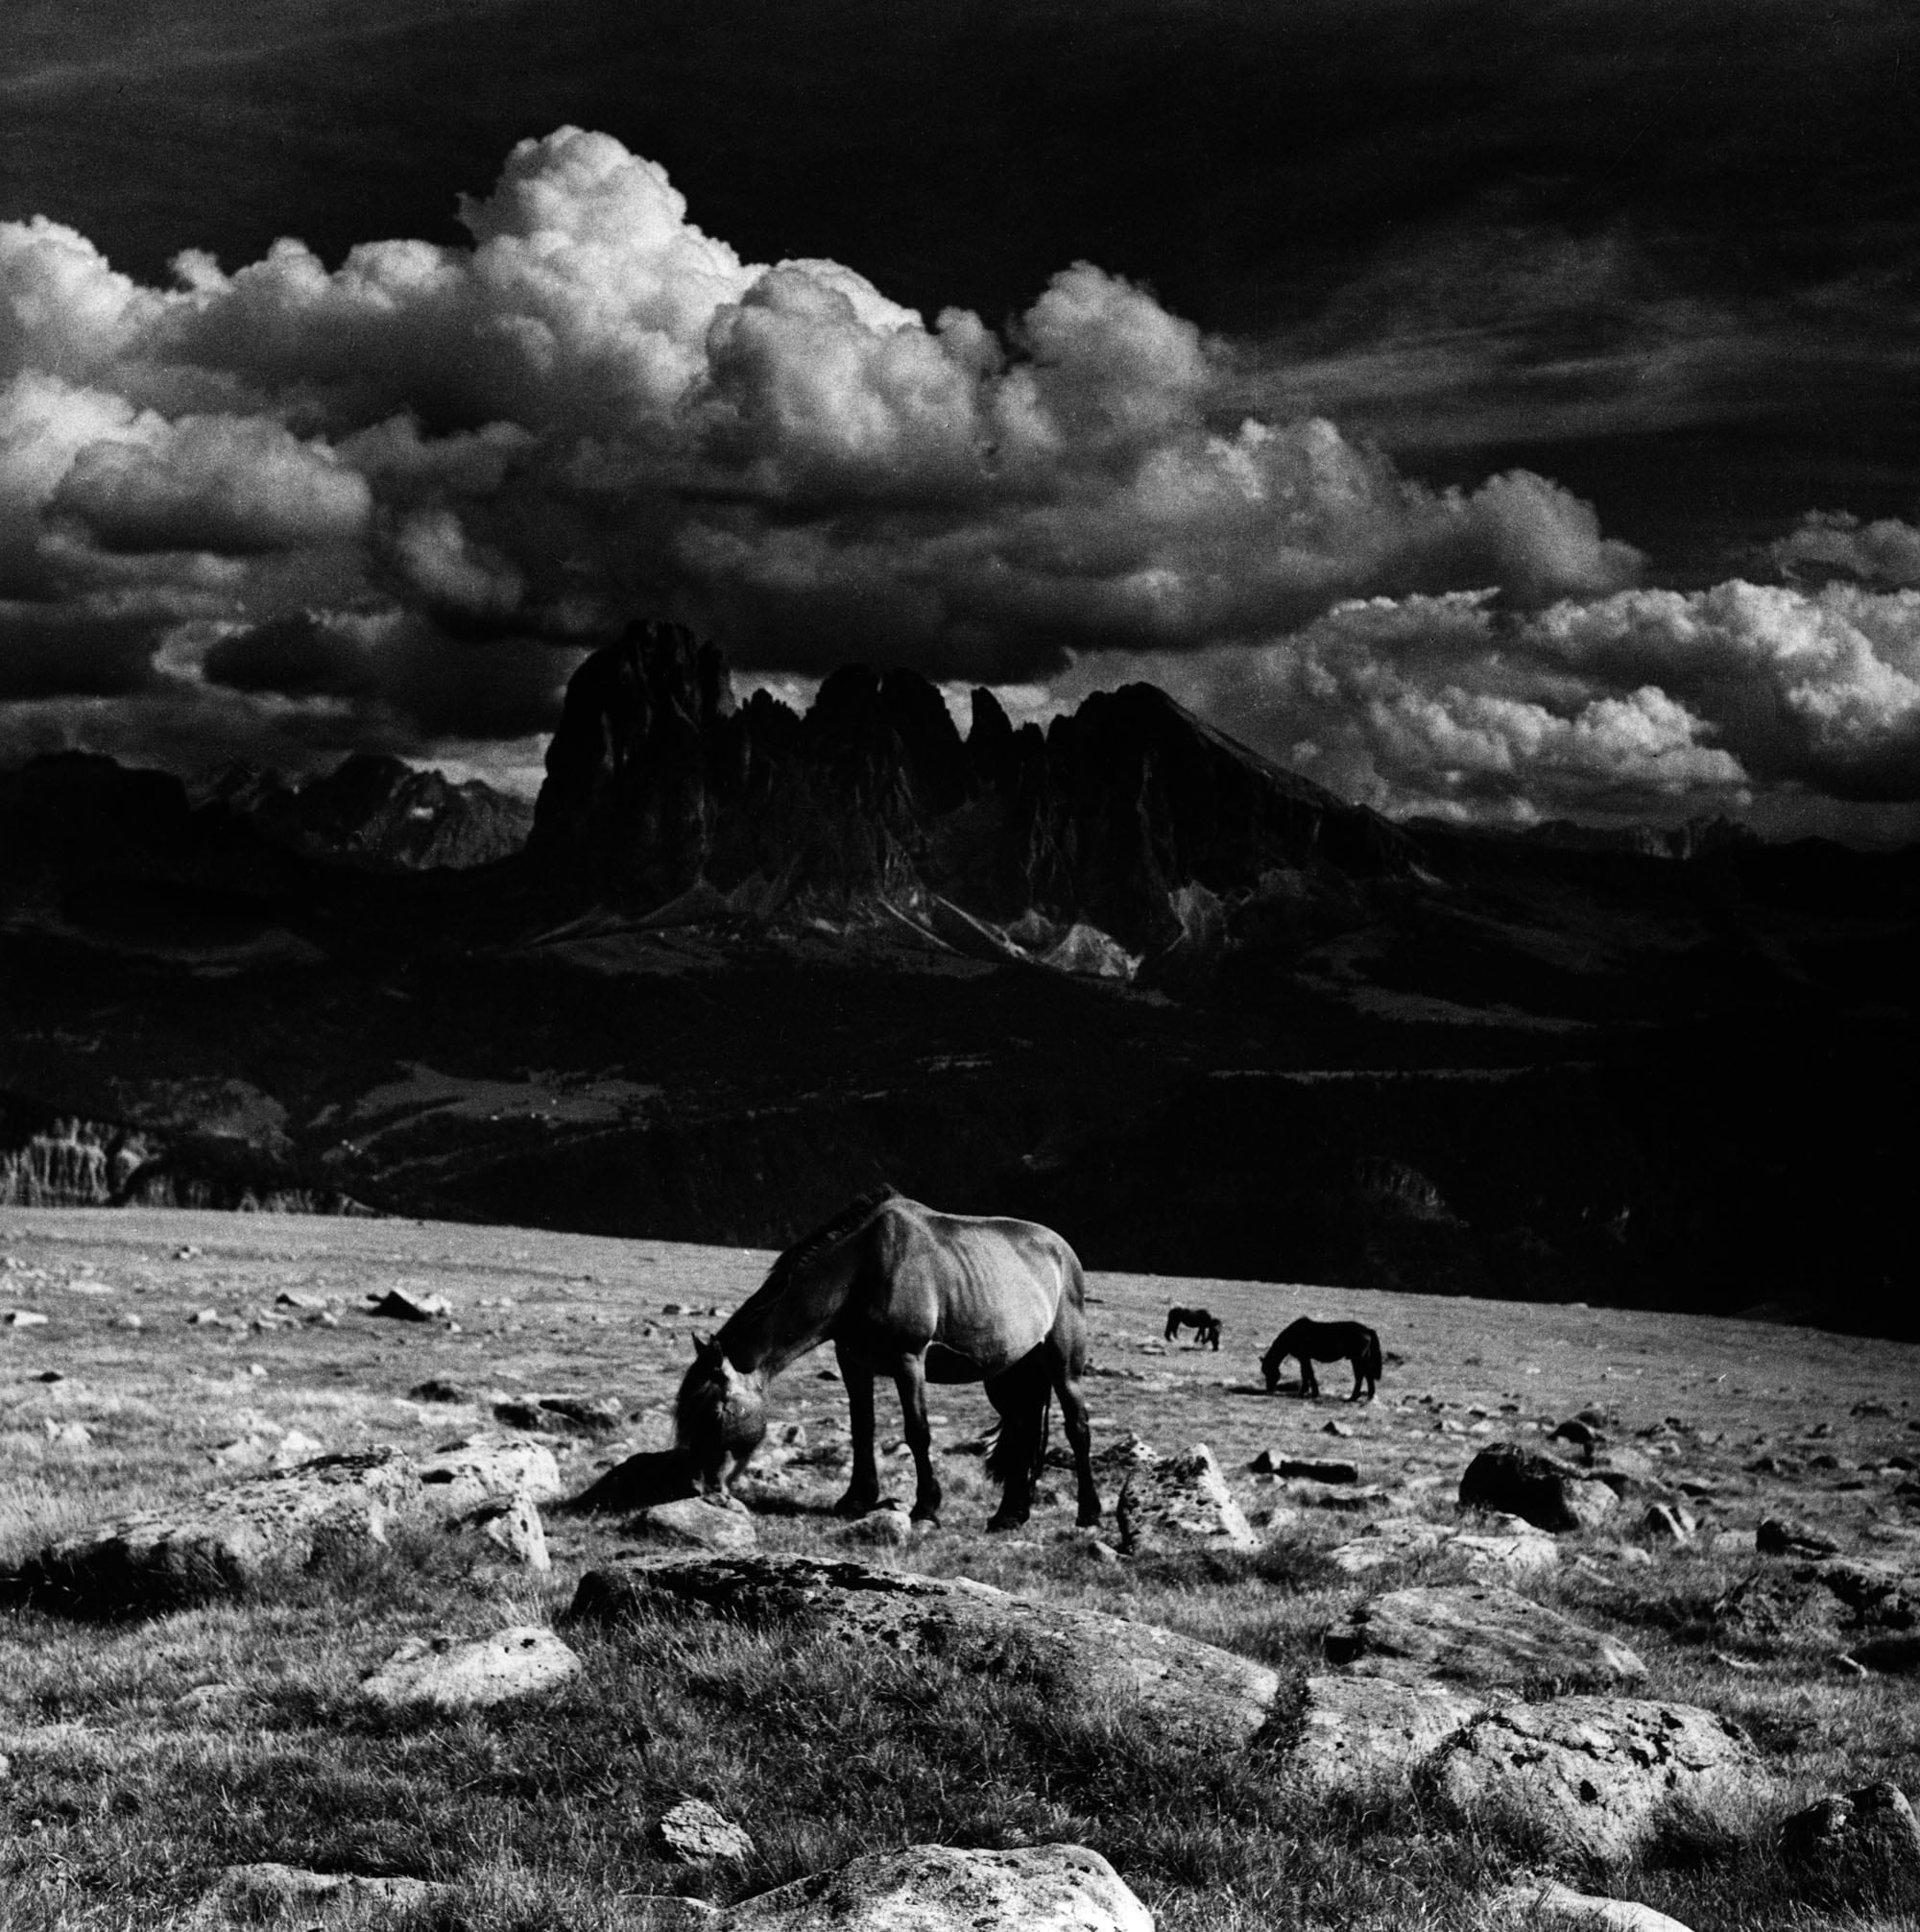 Franco Grignani, Tempo sul Sassolungo, 1950, gelatina bromuro d'argento/carta, 30,5x30,5 cm, Mufoco, Museo di fotografia contemporanea